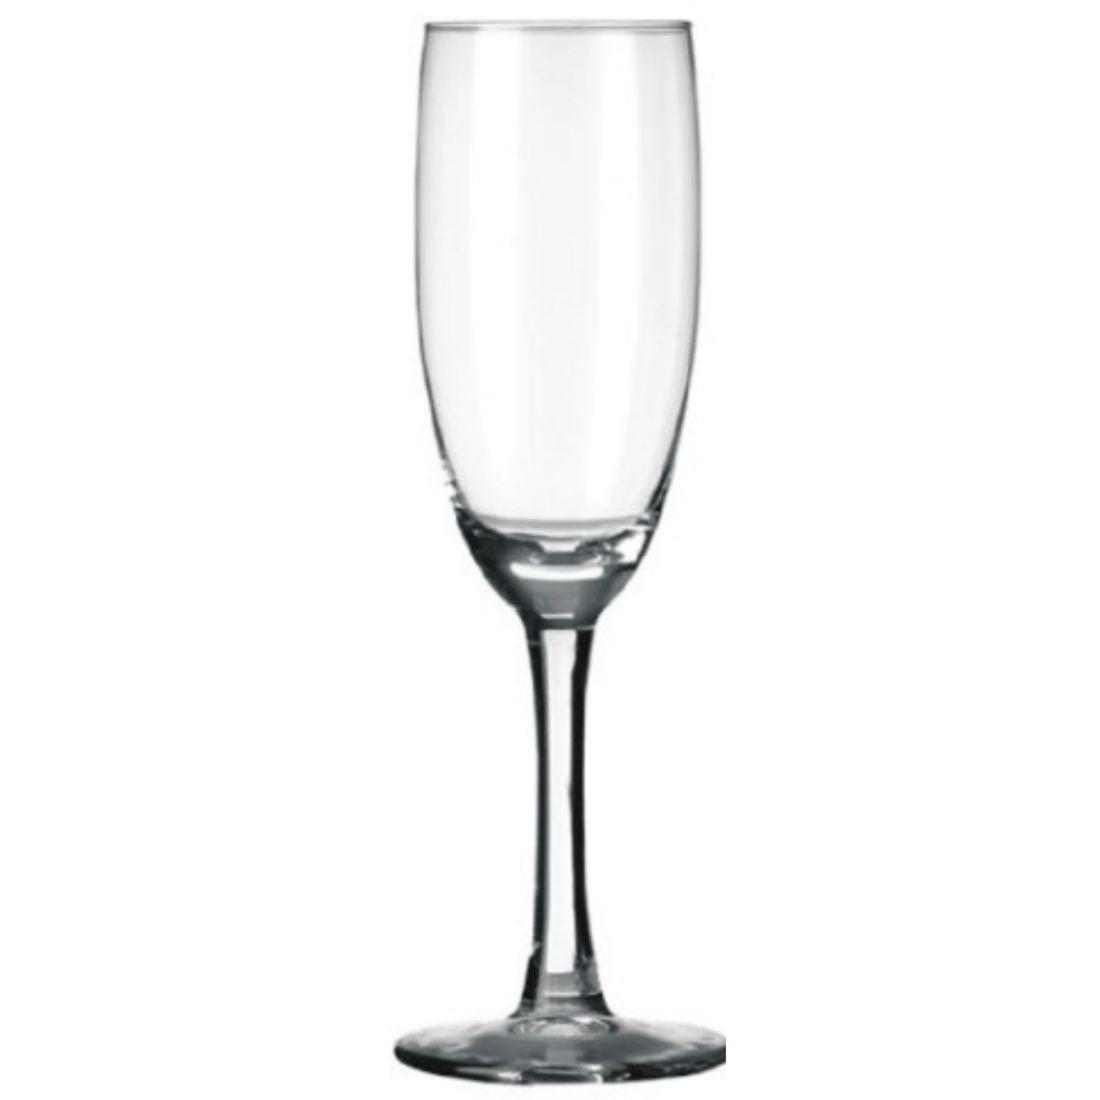 Libbey, Sklenice na šampaňské Claret 170ml